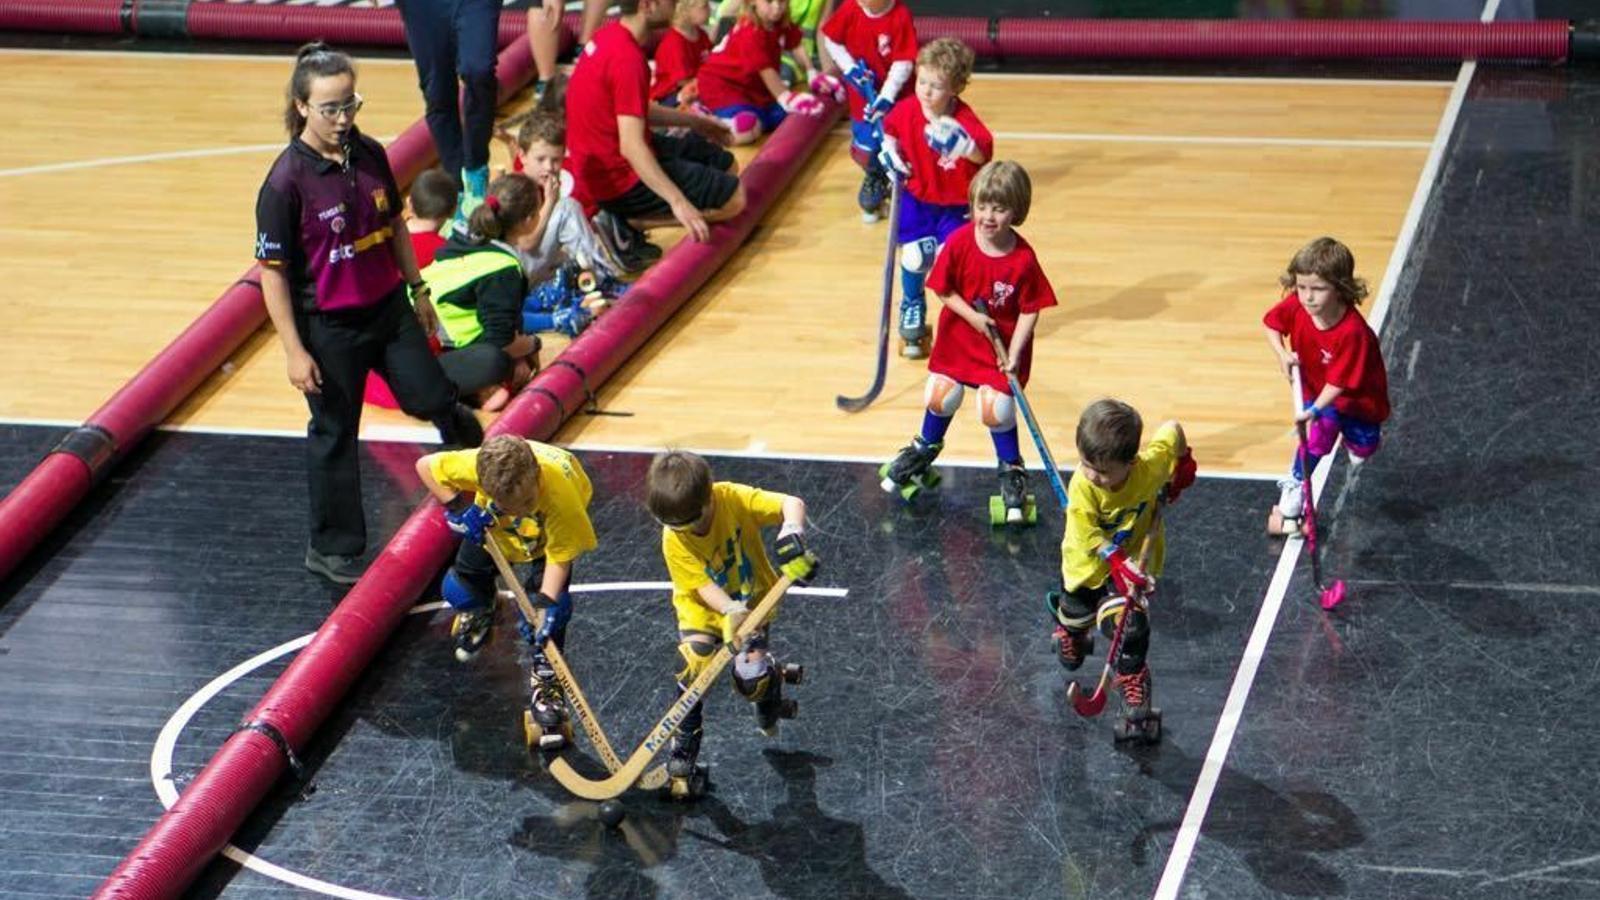 Un equip infantil jugant a hoquei. / ARXIU ANA